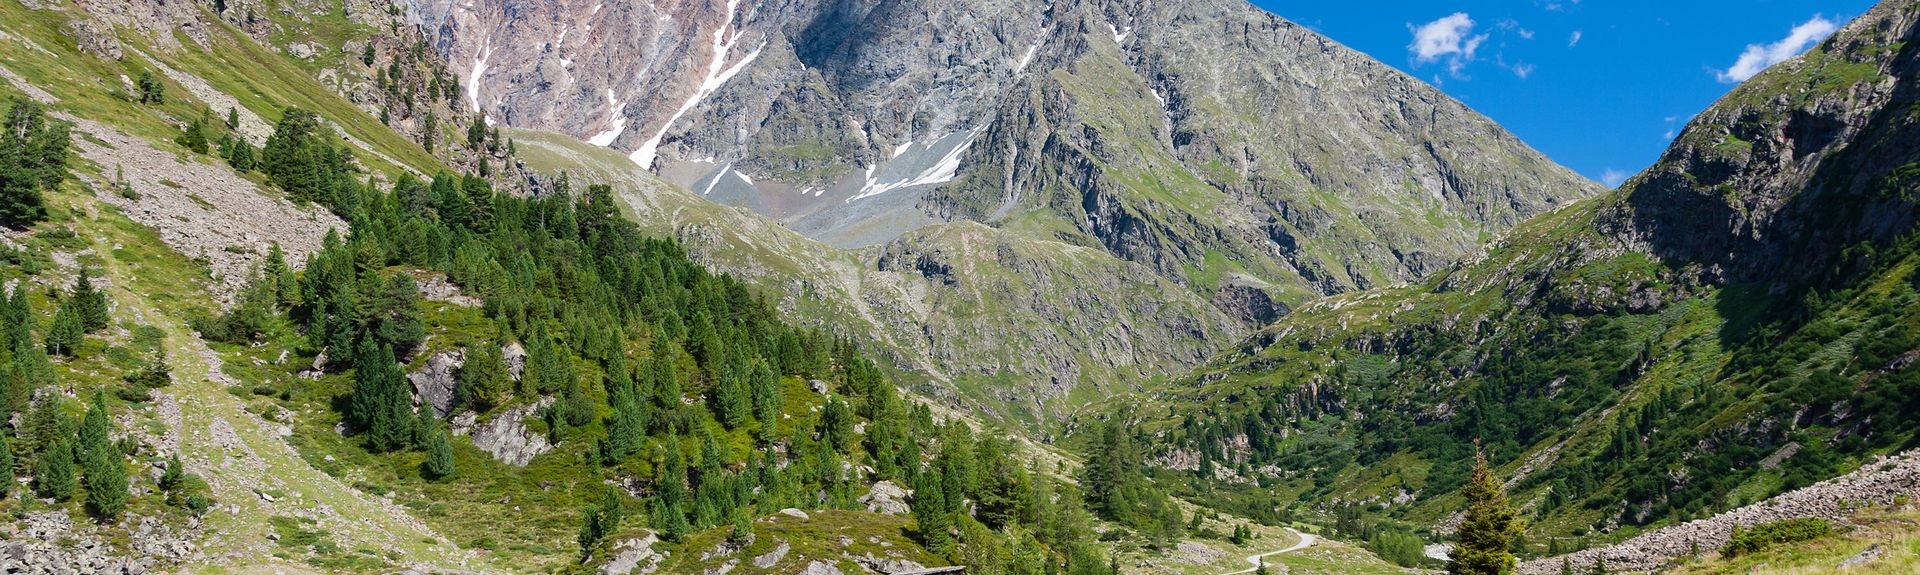 Ötztal, Tirolo, Austria